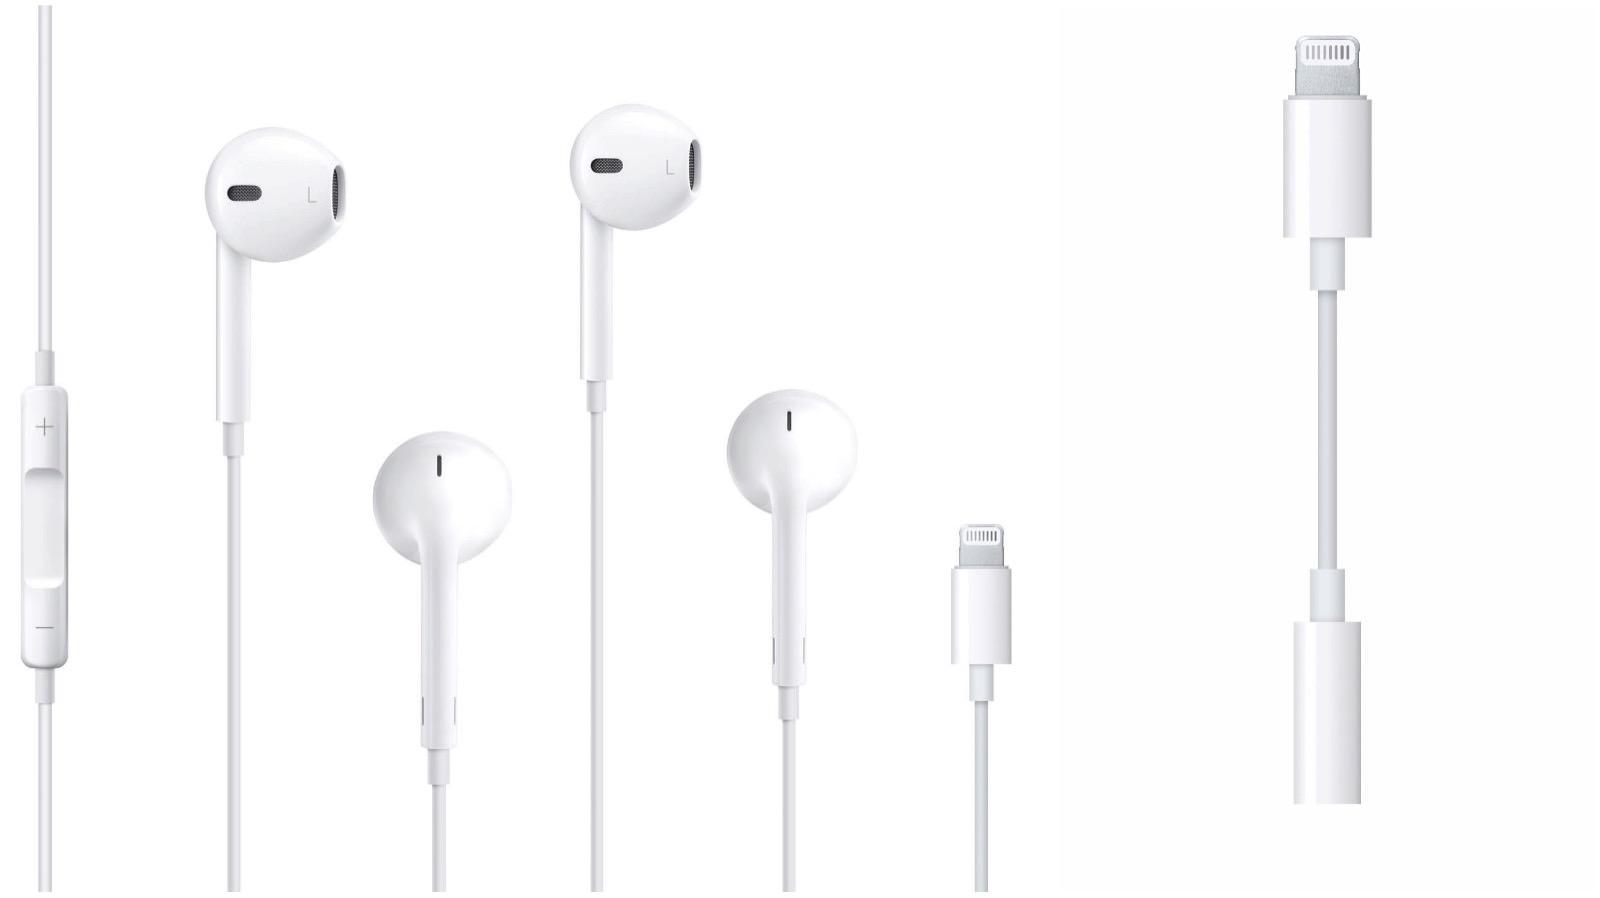 Seven Eleven Apple Accessories for sale 3